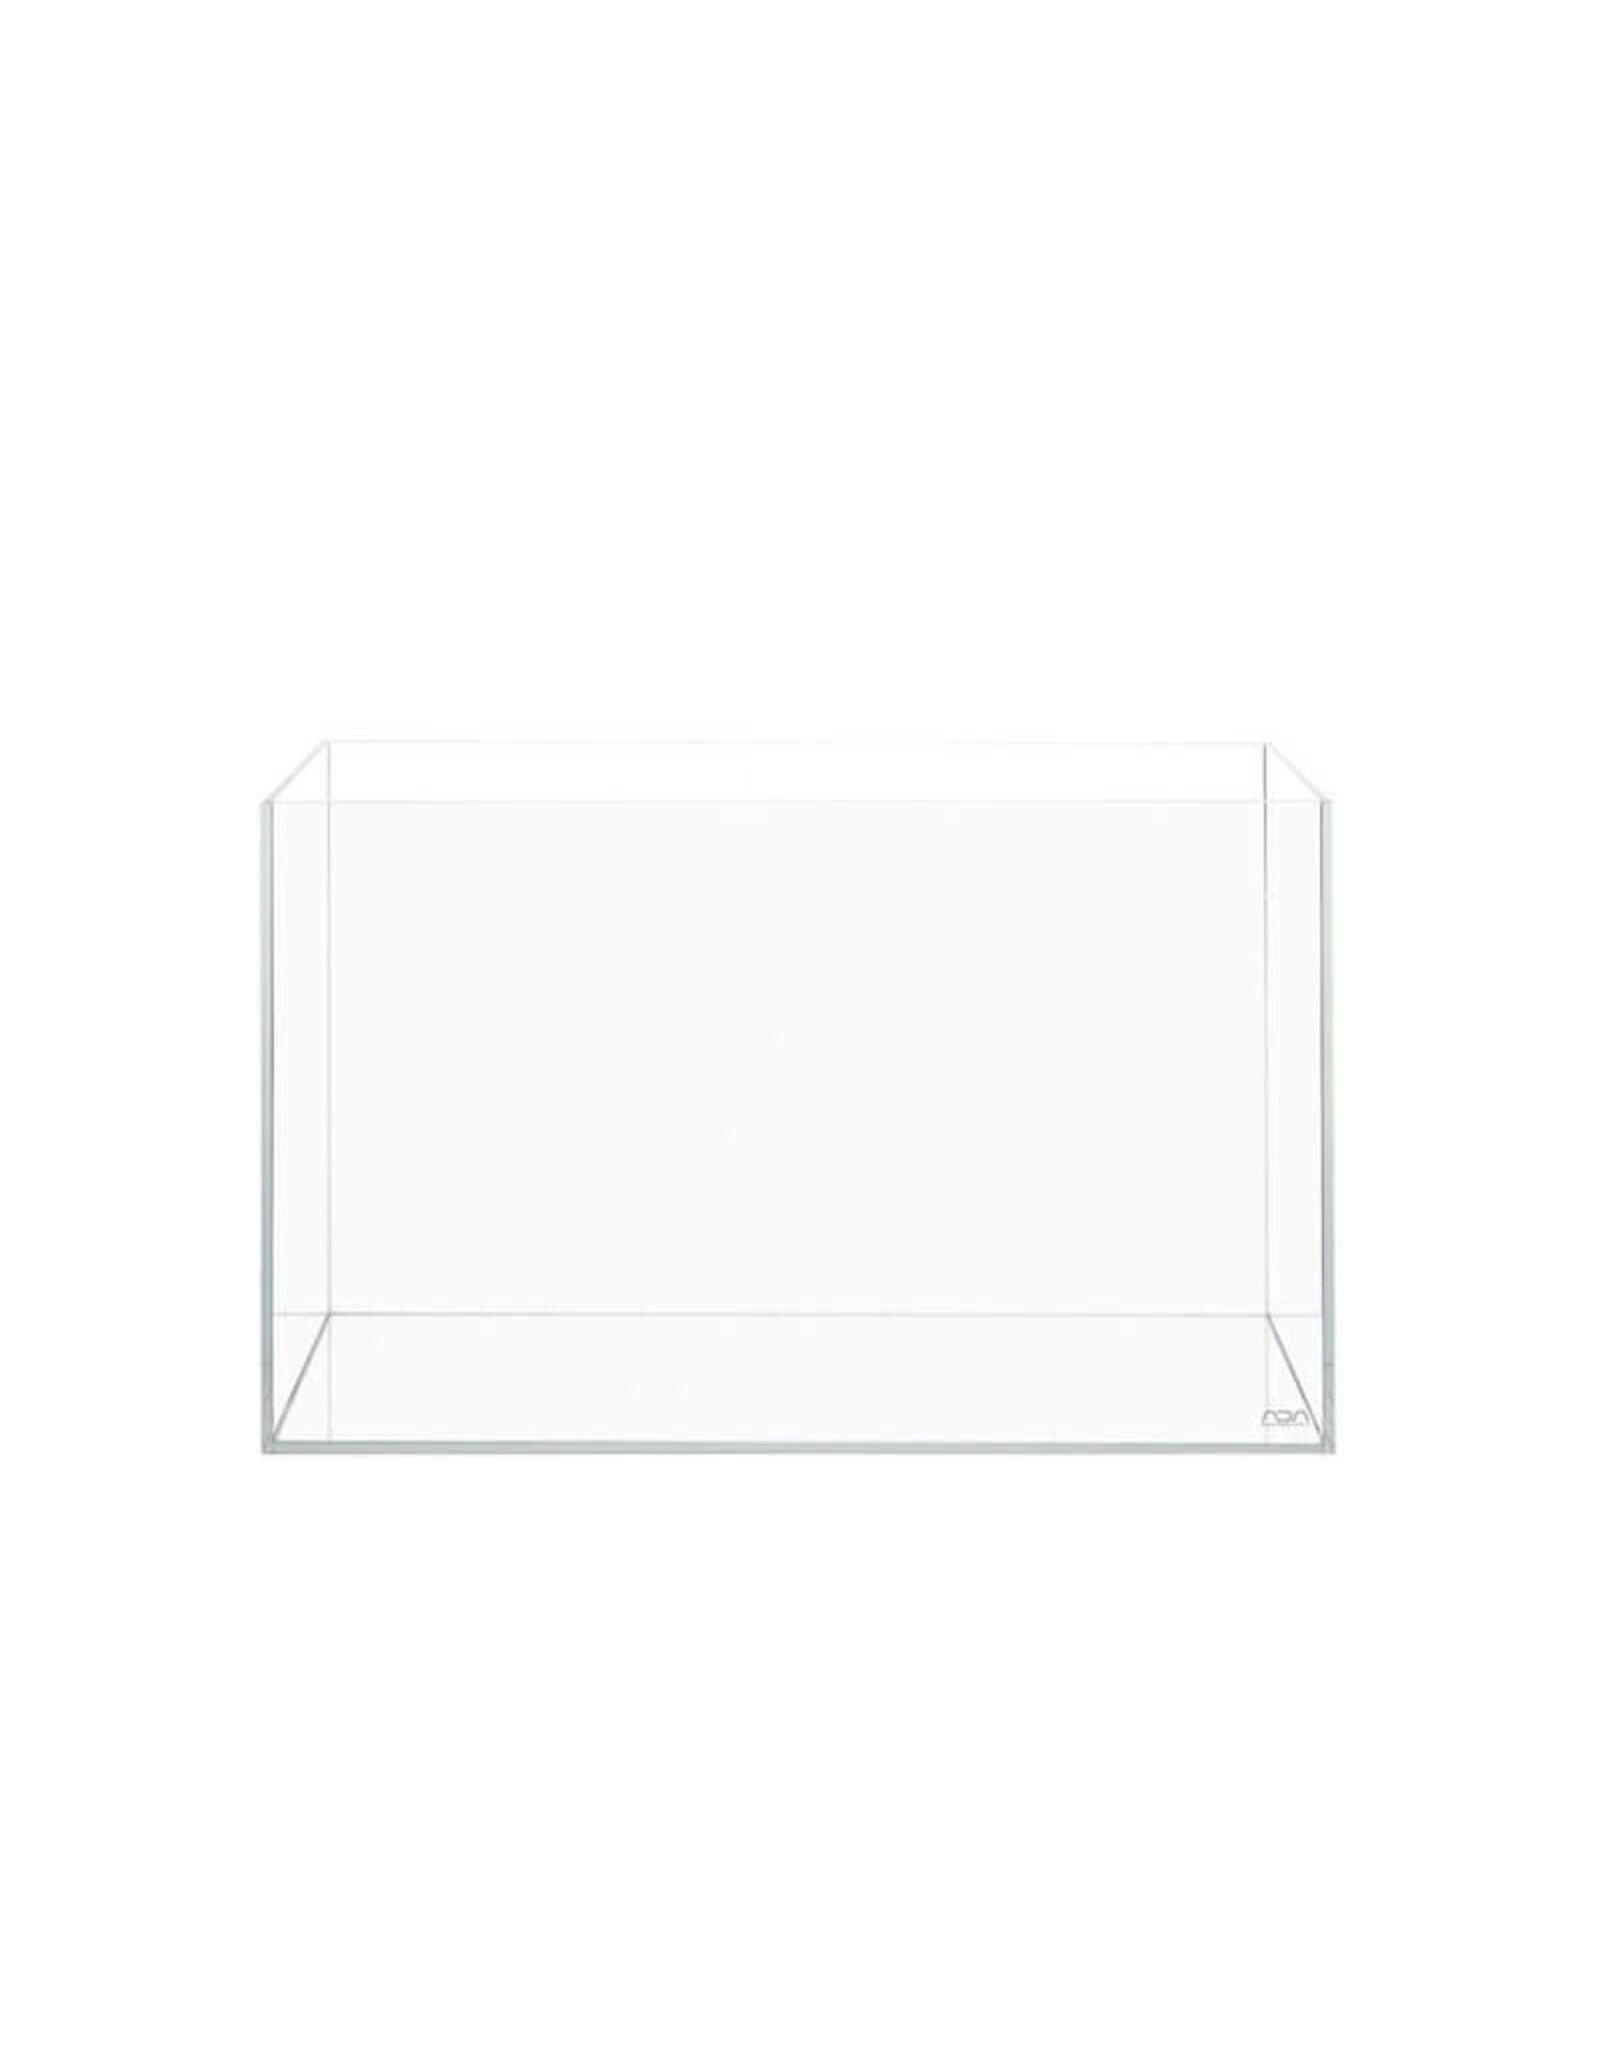 ADA Cube Garden 120-P (120x50x50cm/12mm) incl. 8 hooks